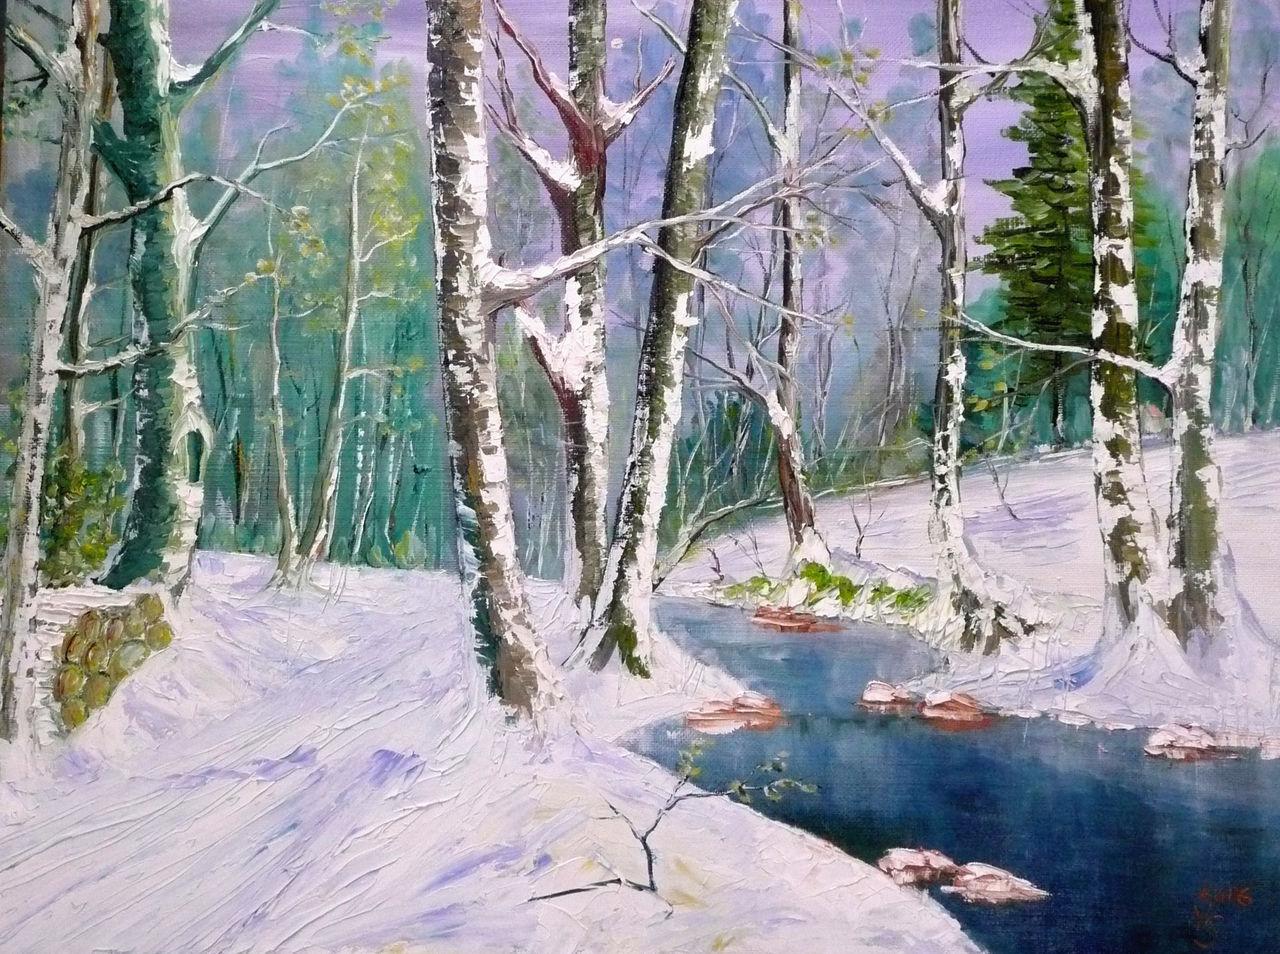 ölmalerei  Bach Malerei Ölmalerei - 91 Bilder und Ideen - malen - auf KunstNet